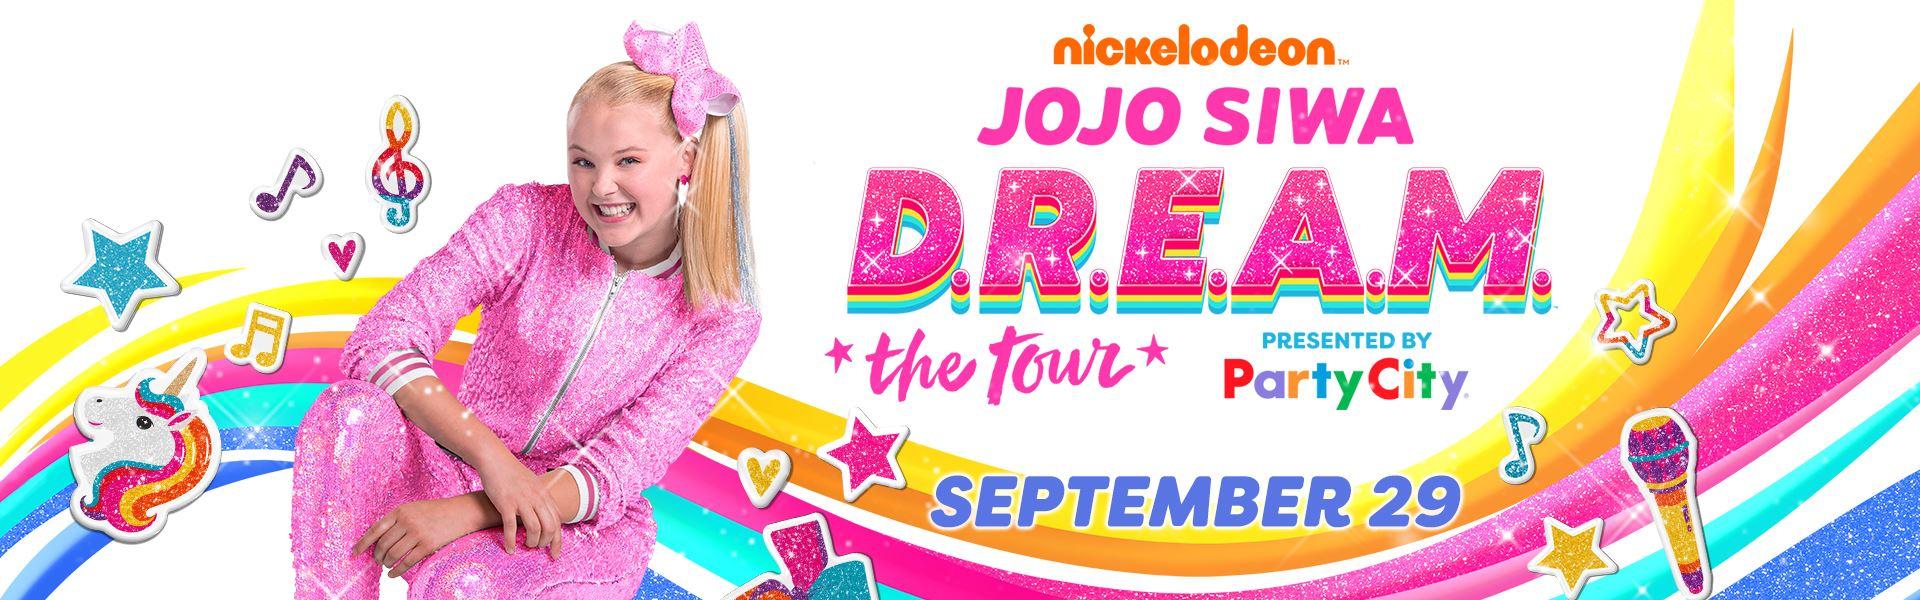 JoJo Siwa D.R.E.A.M the Tour